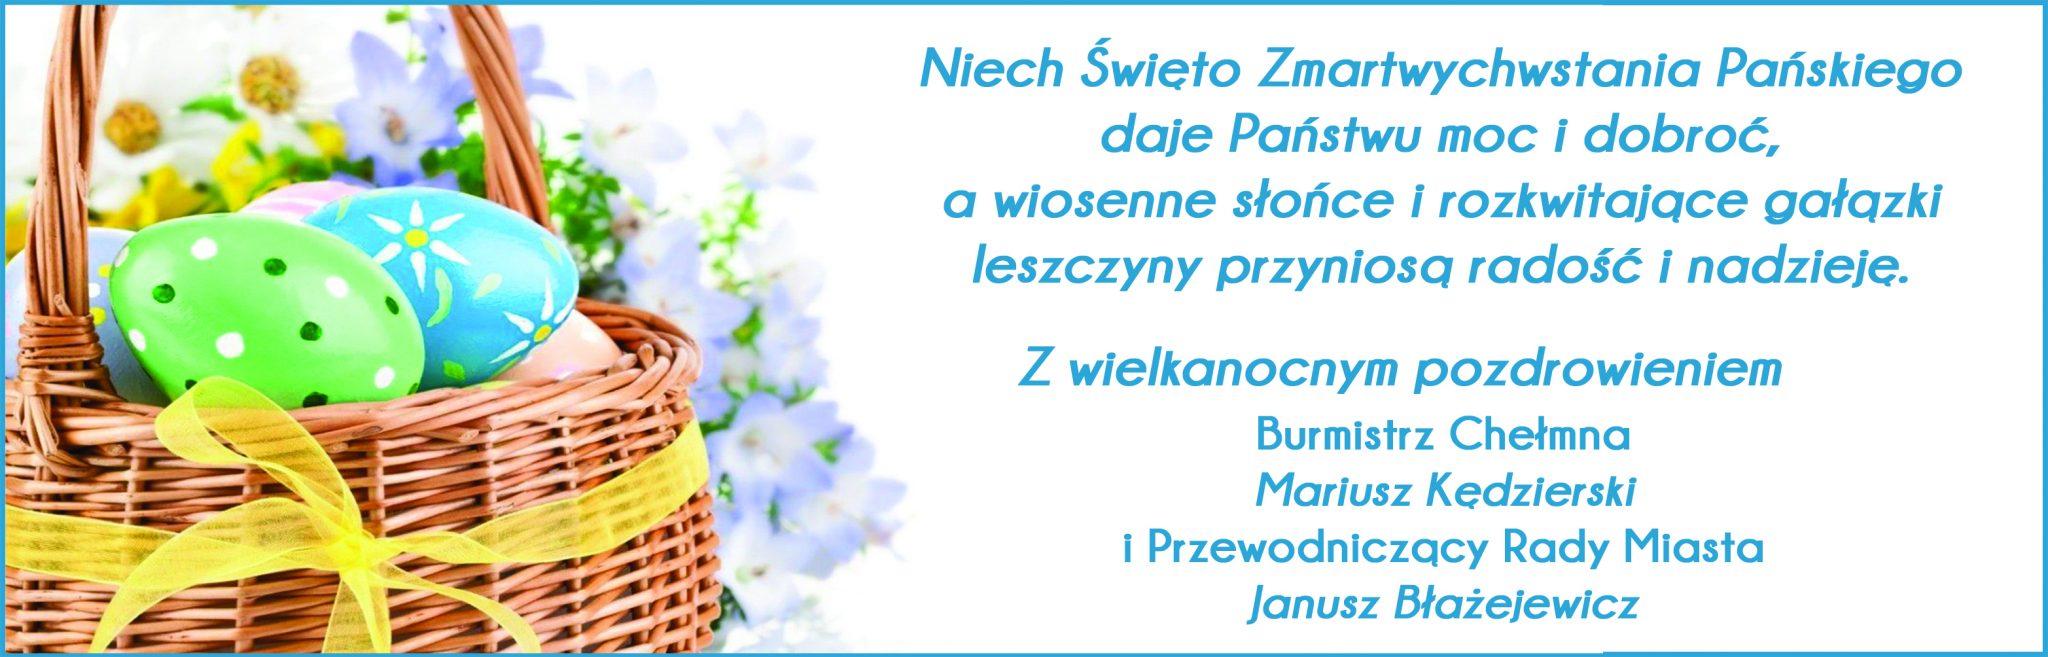 Niech Święto Zmartwychwstania Pańskiego daje Państwu moc i dobroć, a wiosenne słońce i rozkwitające gałązki leszczyny przyniosą radość i nadzieję. Z wielkanocnym pozdrowieniem Burmistrz Chełmna Przewodniczący Rady Miasta Mariusz Kędzierski Janusz Błażejewicz